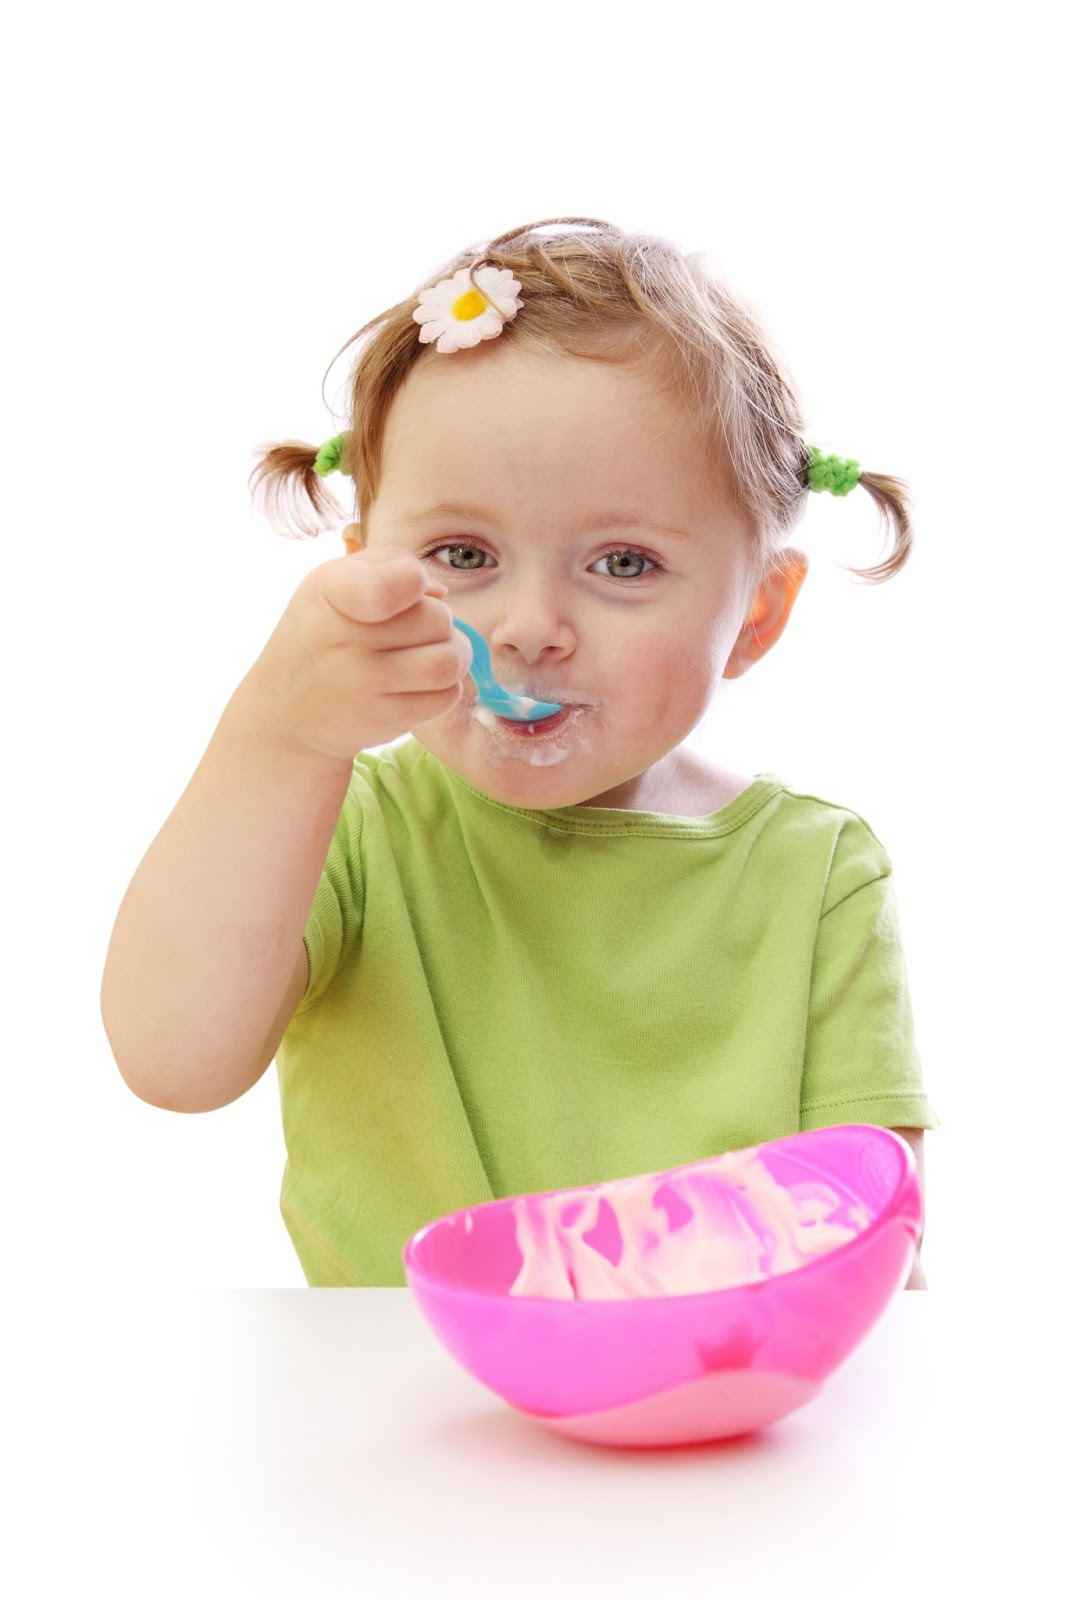 Çocuklara ilaç içirirken nelere dikkat edilmeli